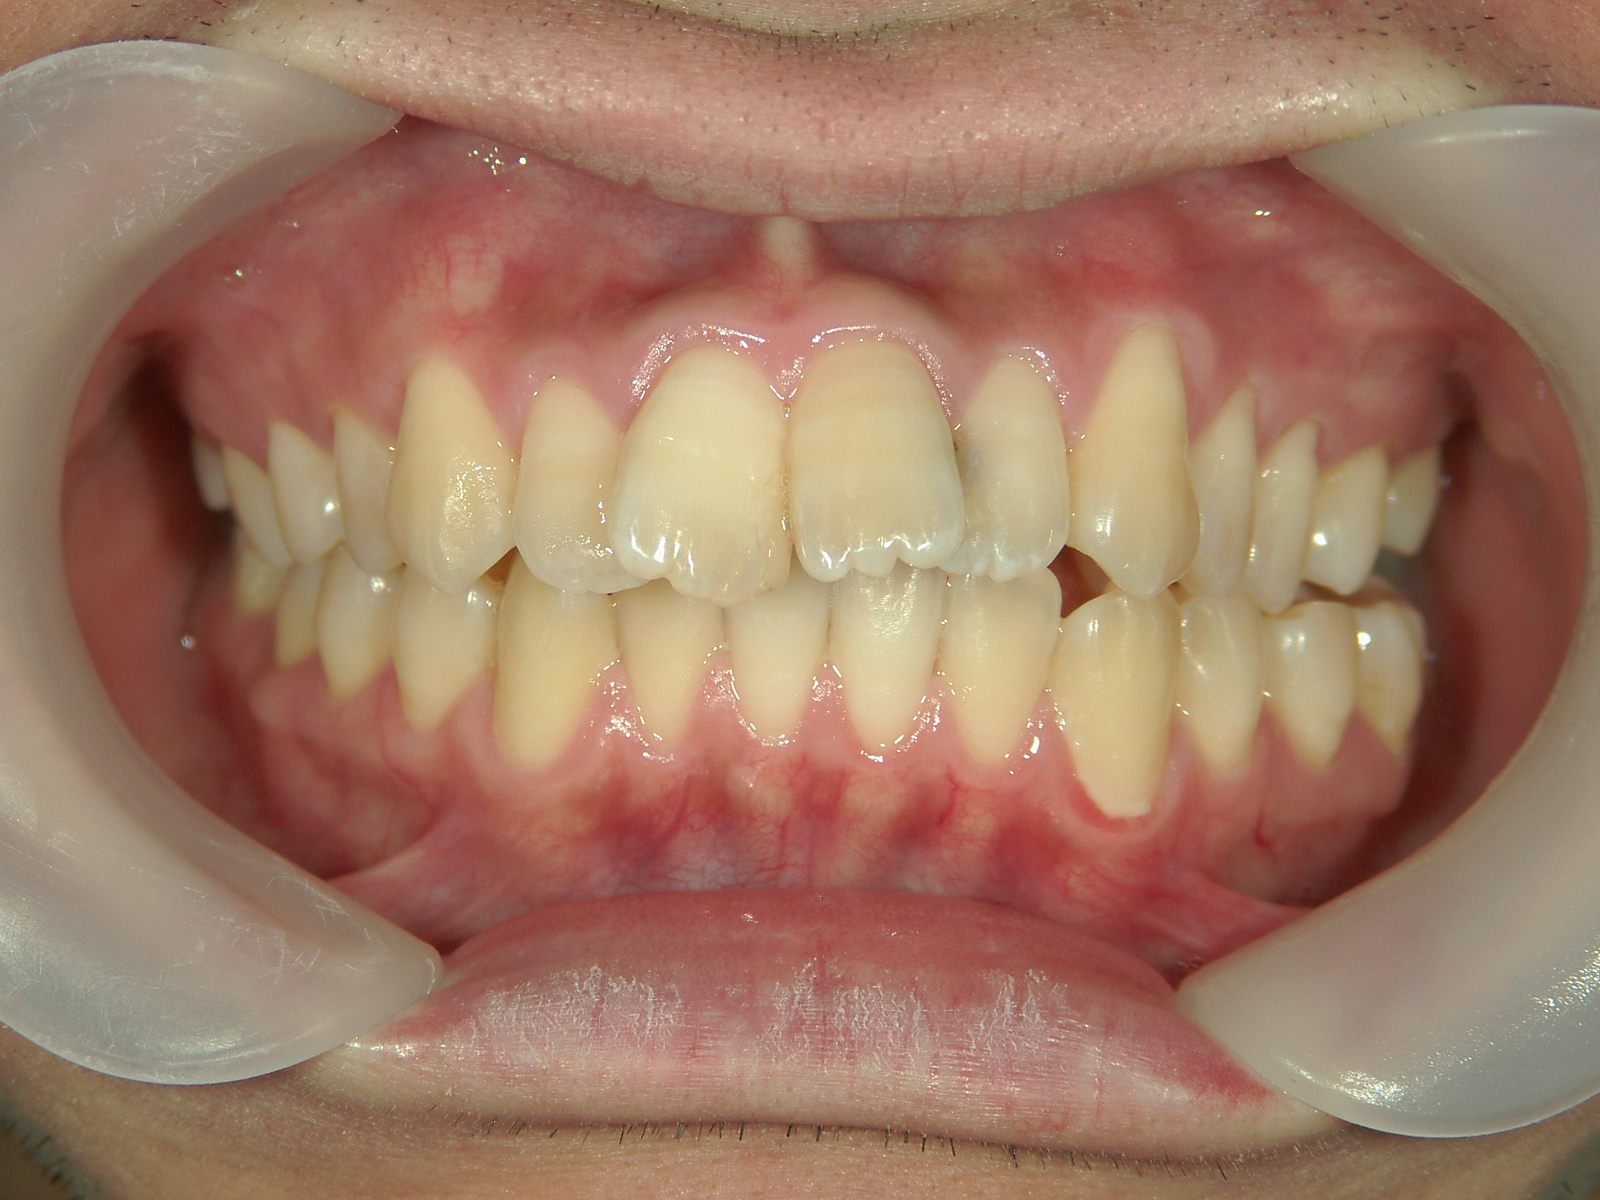 前歯部抜歯閉鎖症例 治療例(3) ㊤前歯部2本歯根吸収で歯根が短い為、抜歯